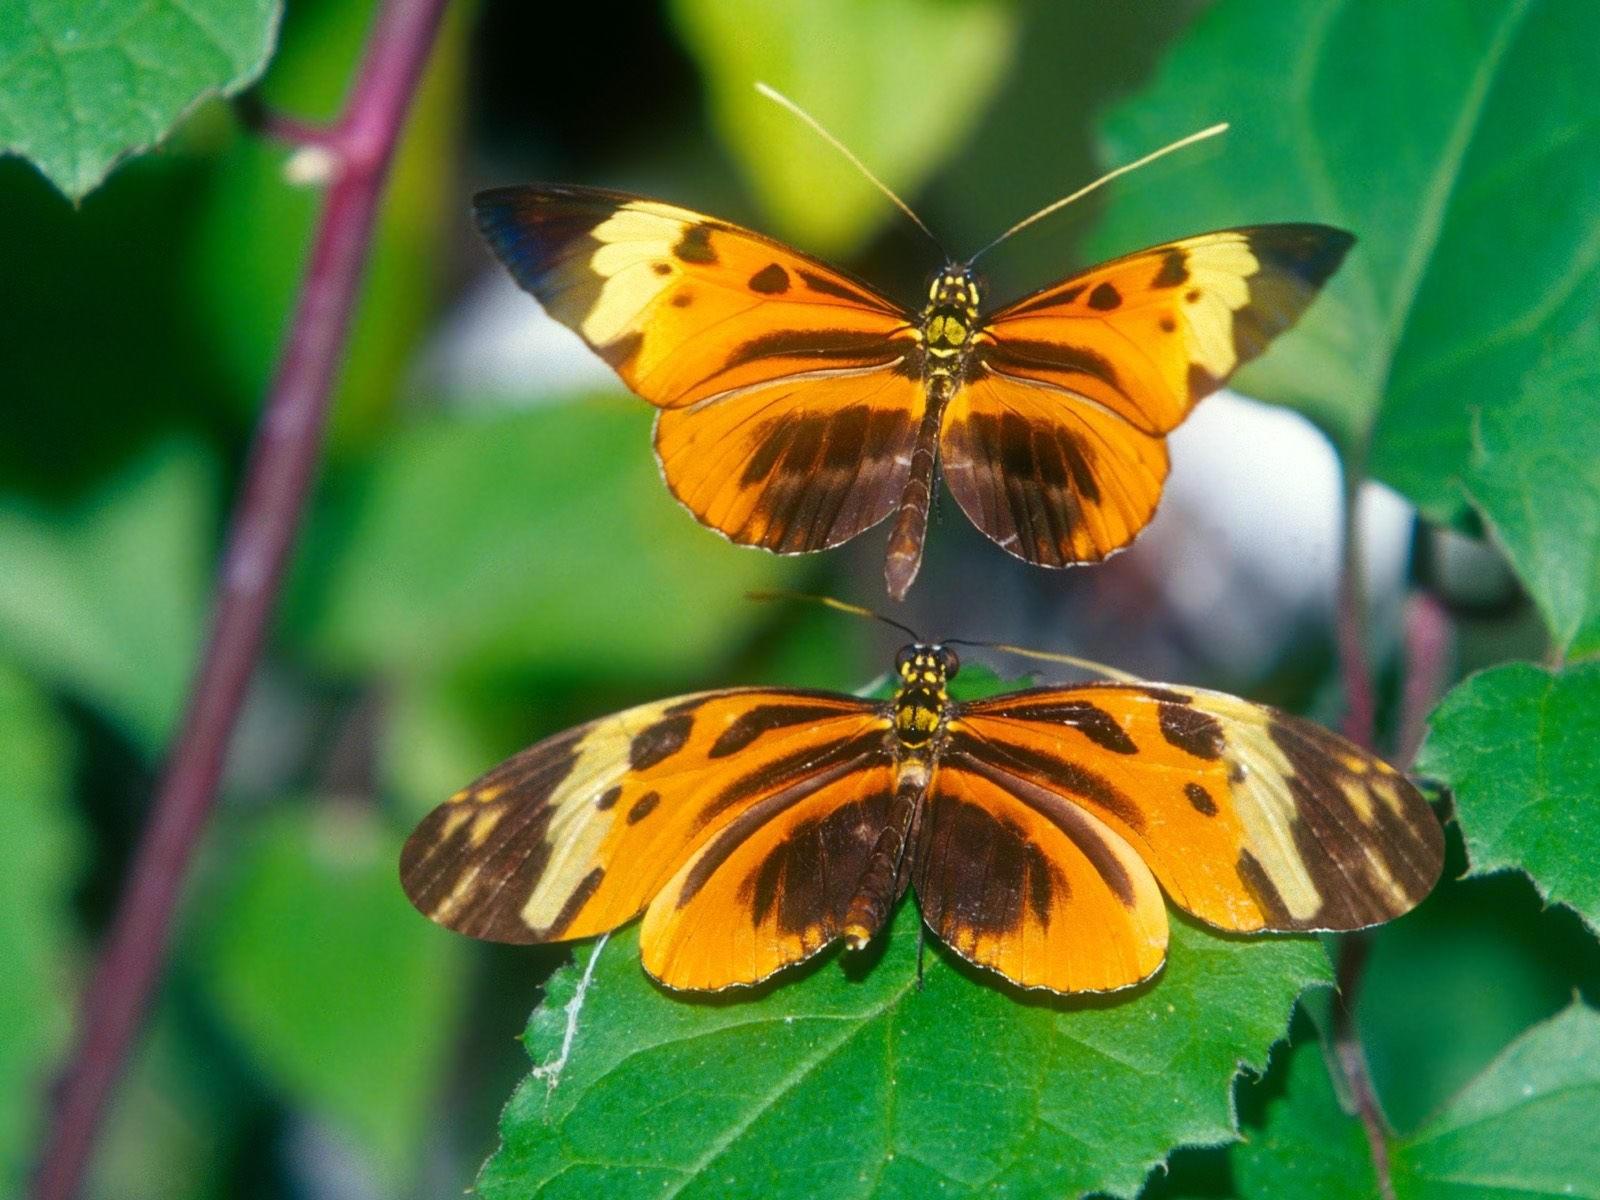 Две желто-коричневые бабочки